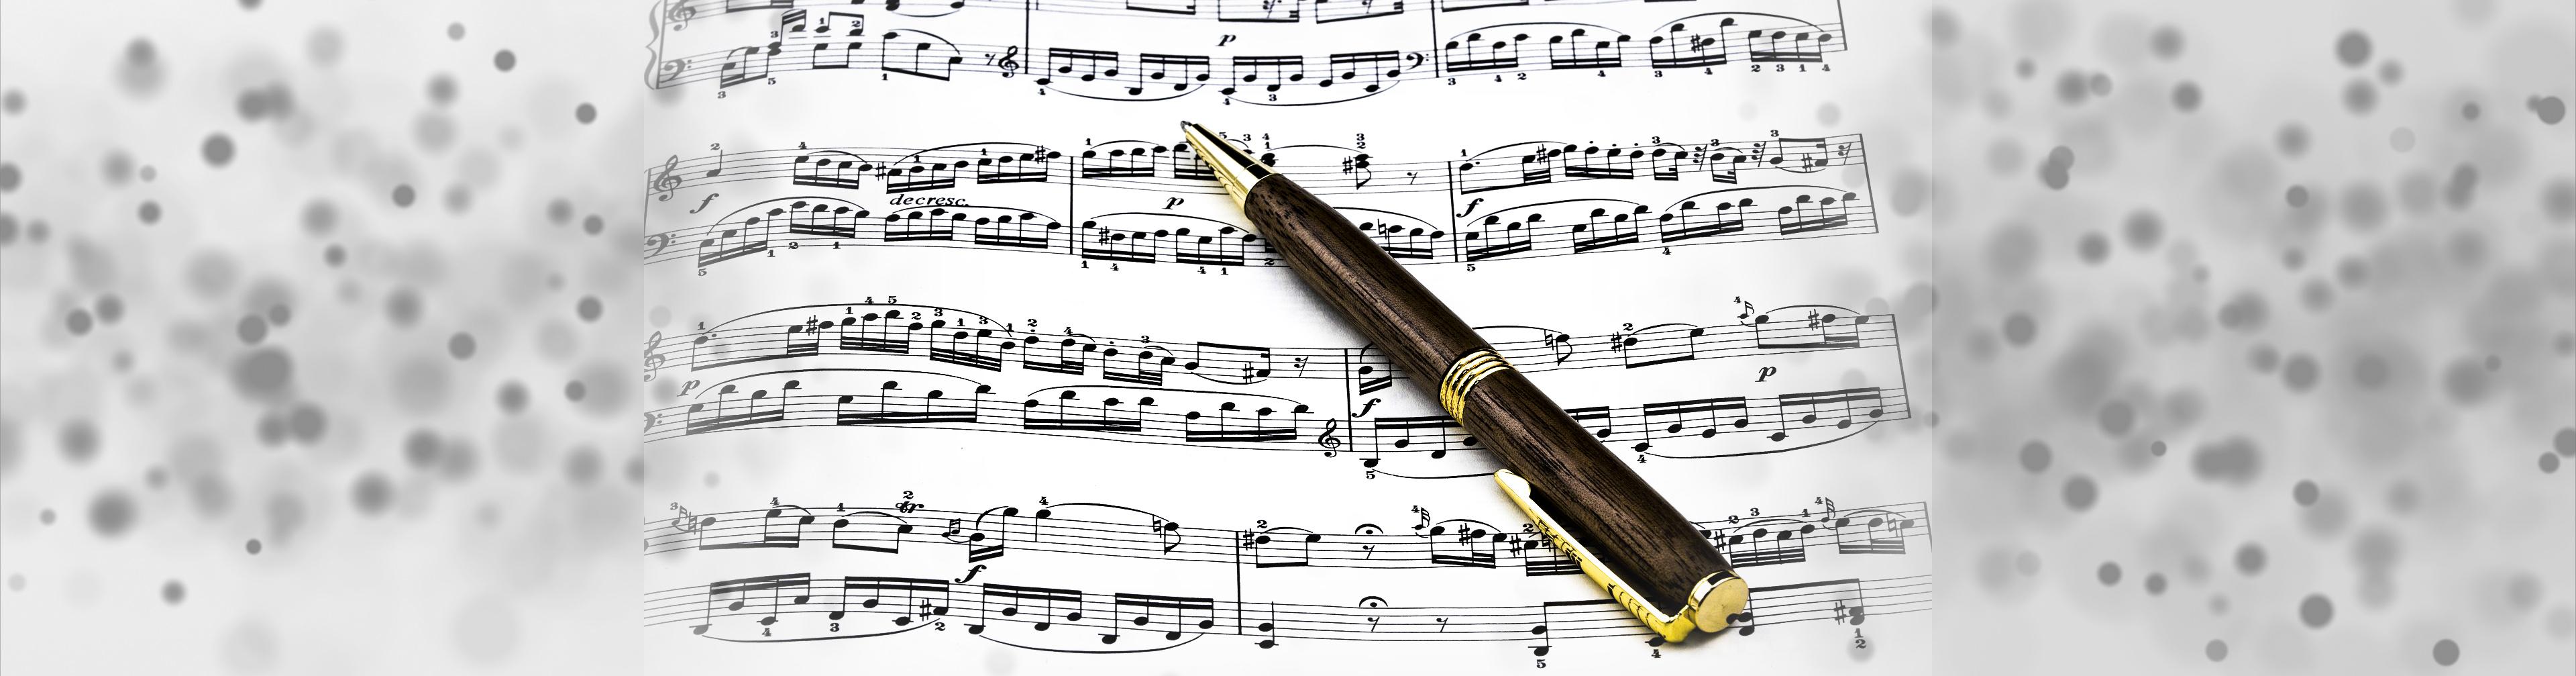 קורס תאוריית המוזיקה